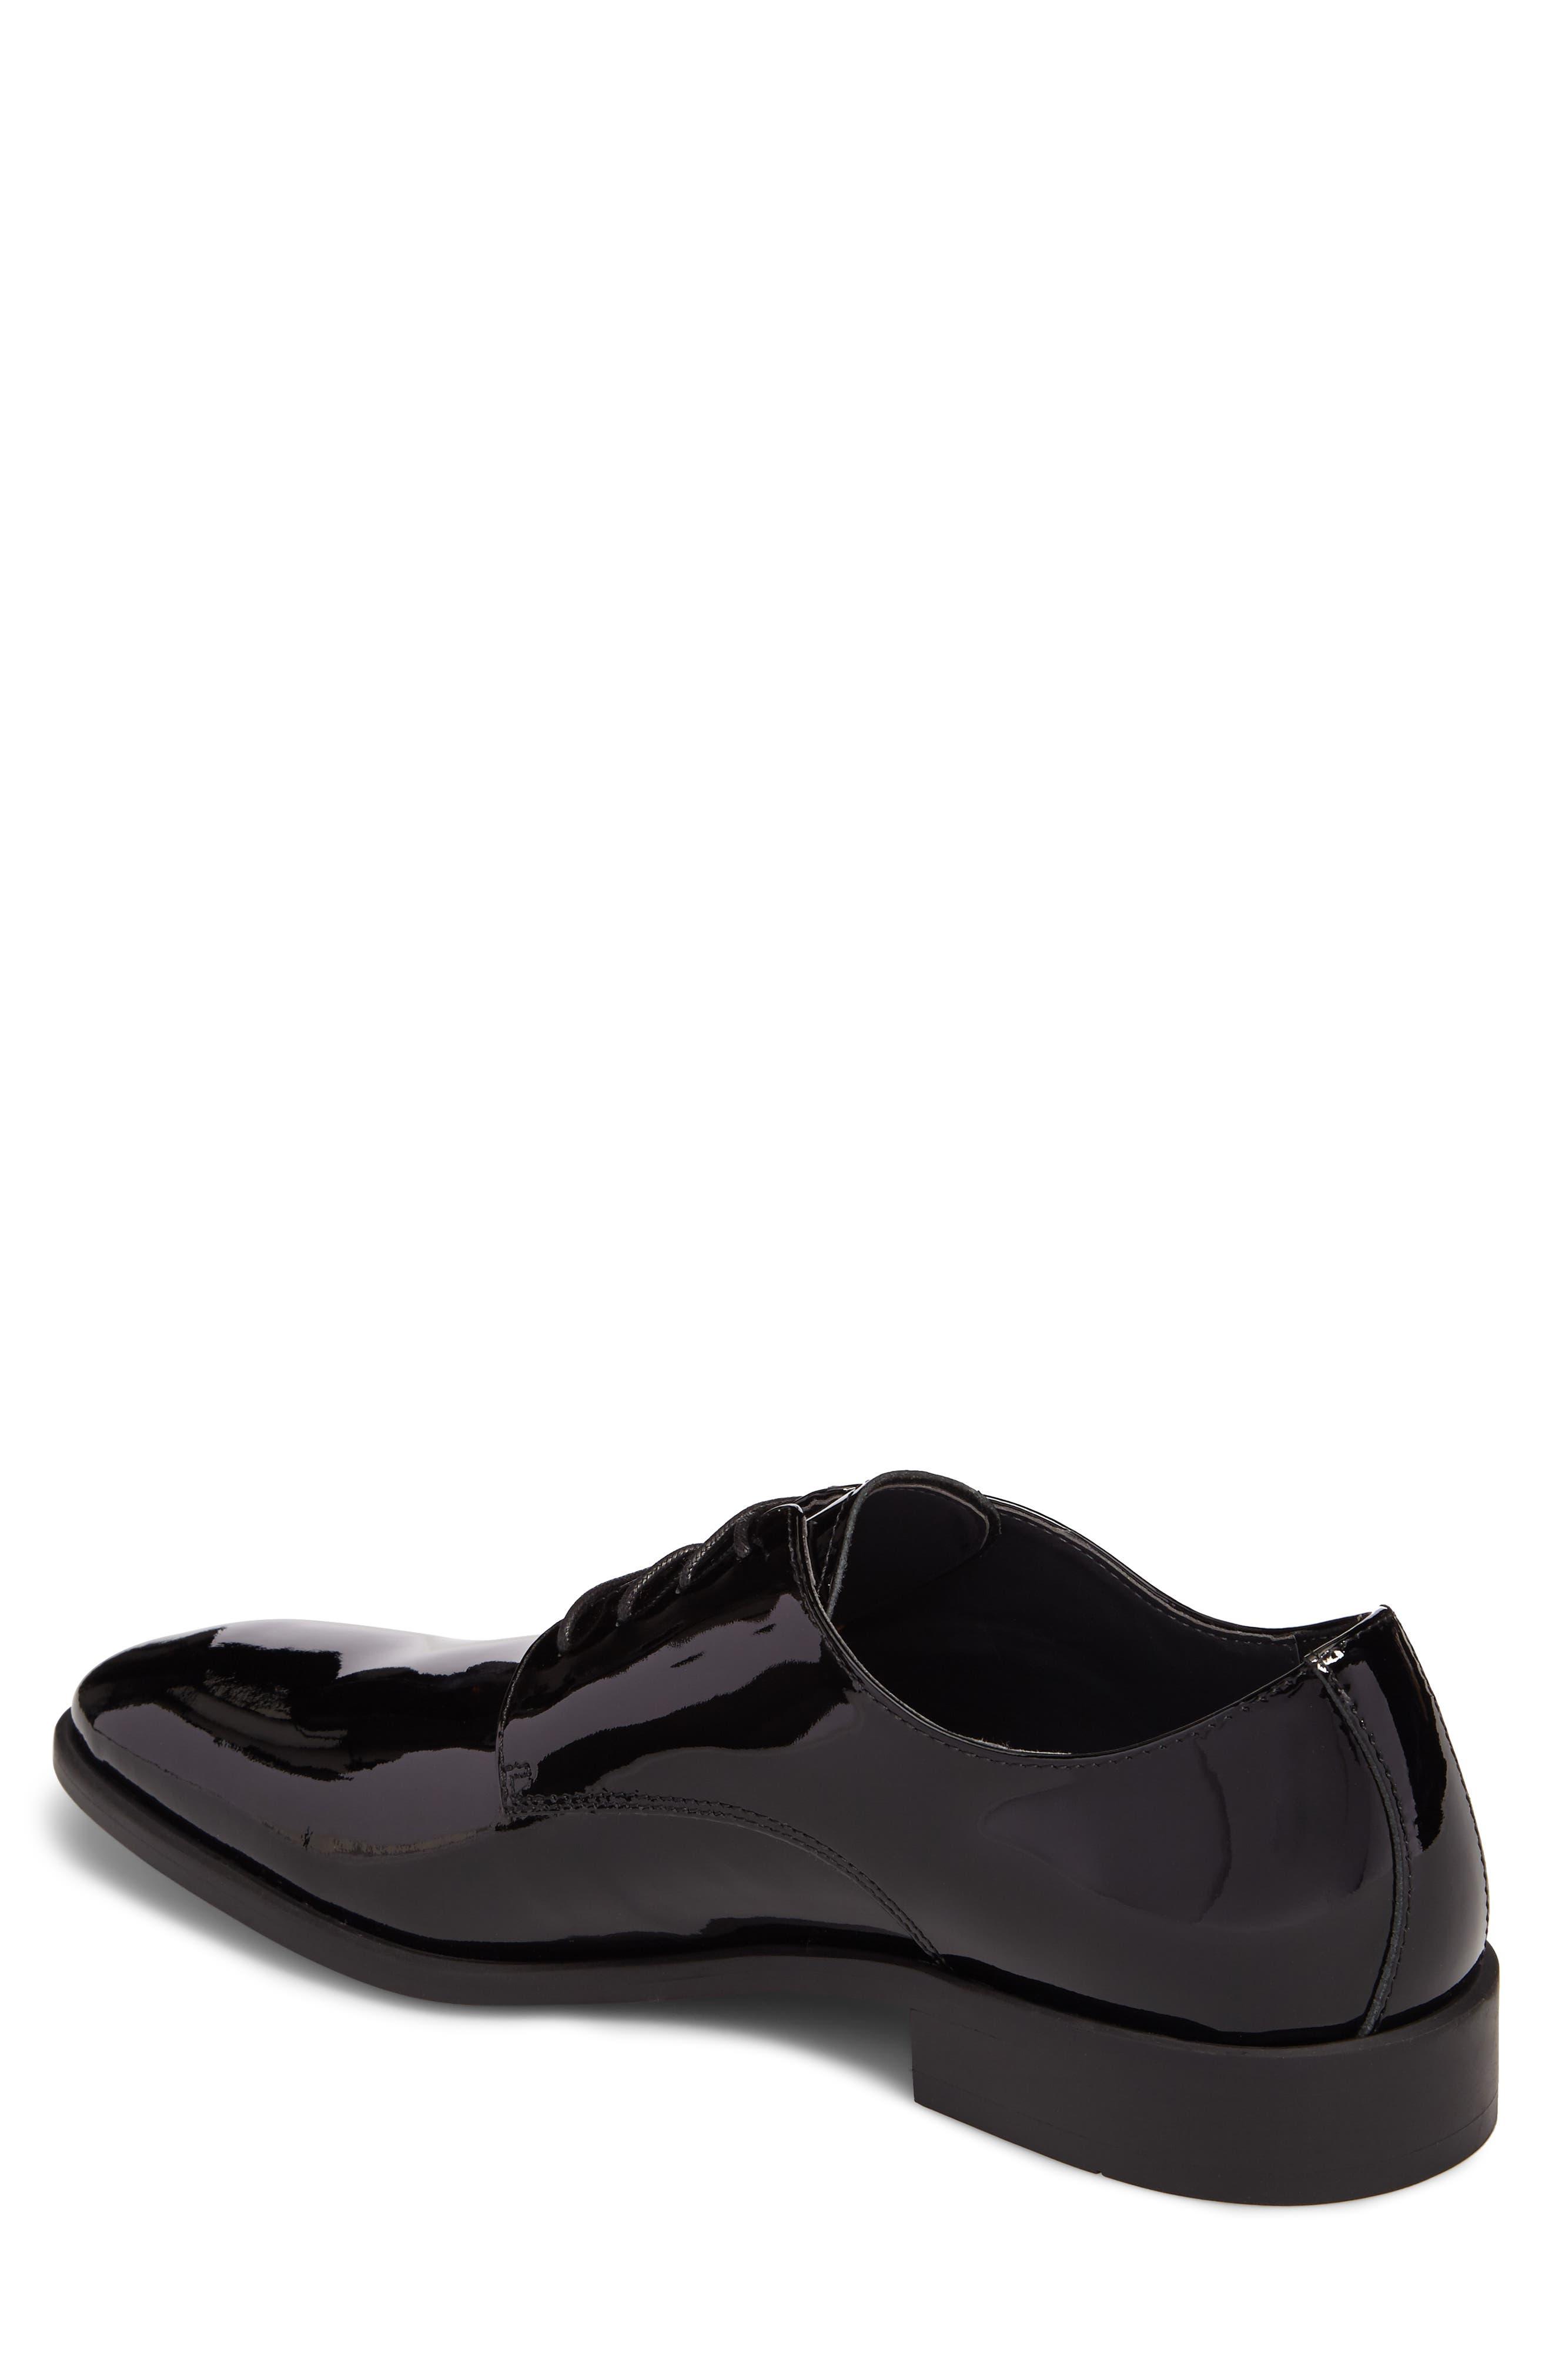 Dallas Plain Toe Derby,                             Alternate thumbnail 2, color,                             Black Patent Leather